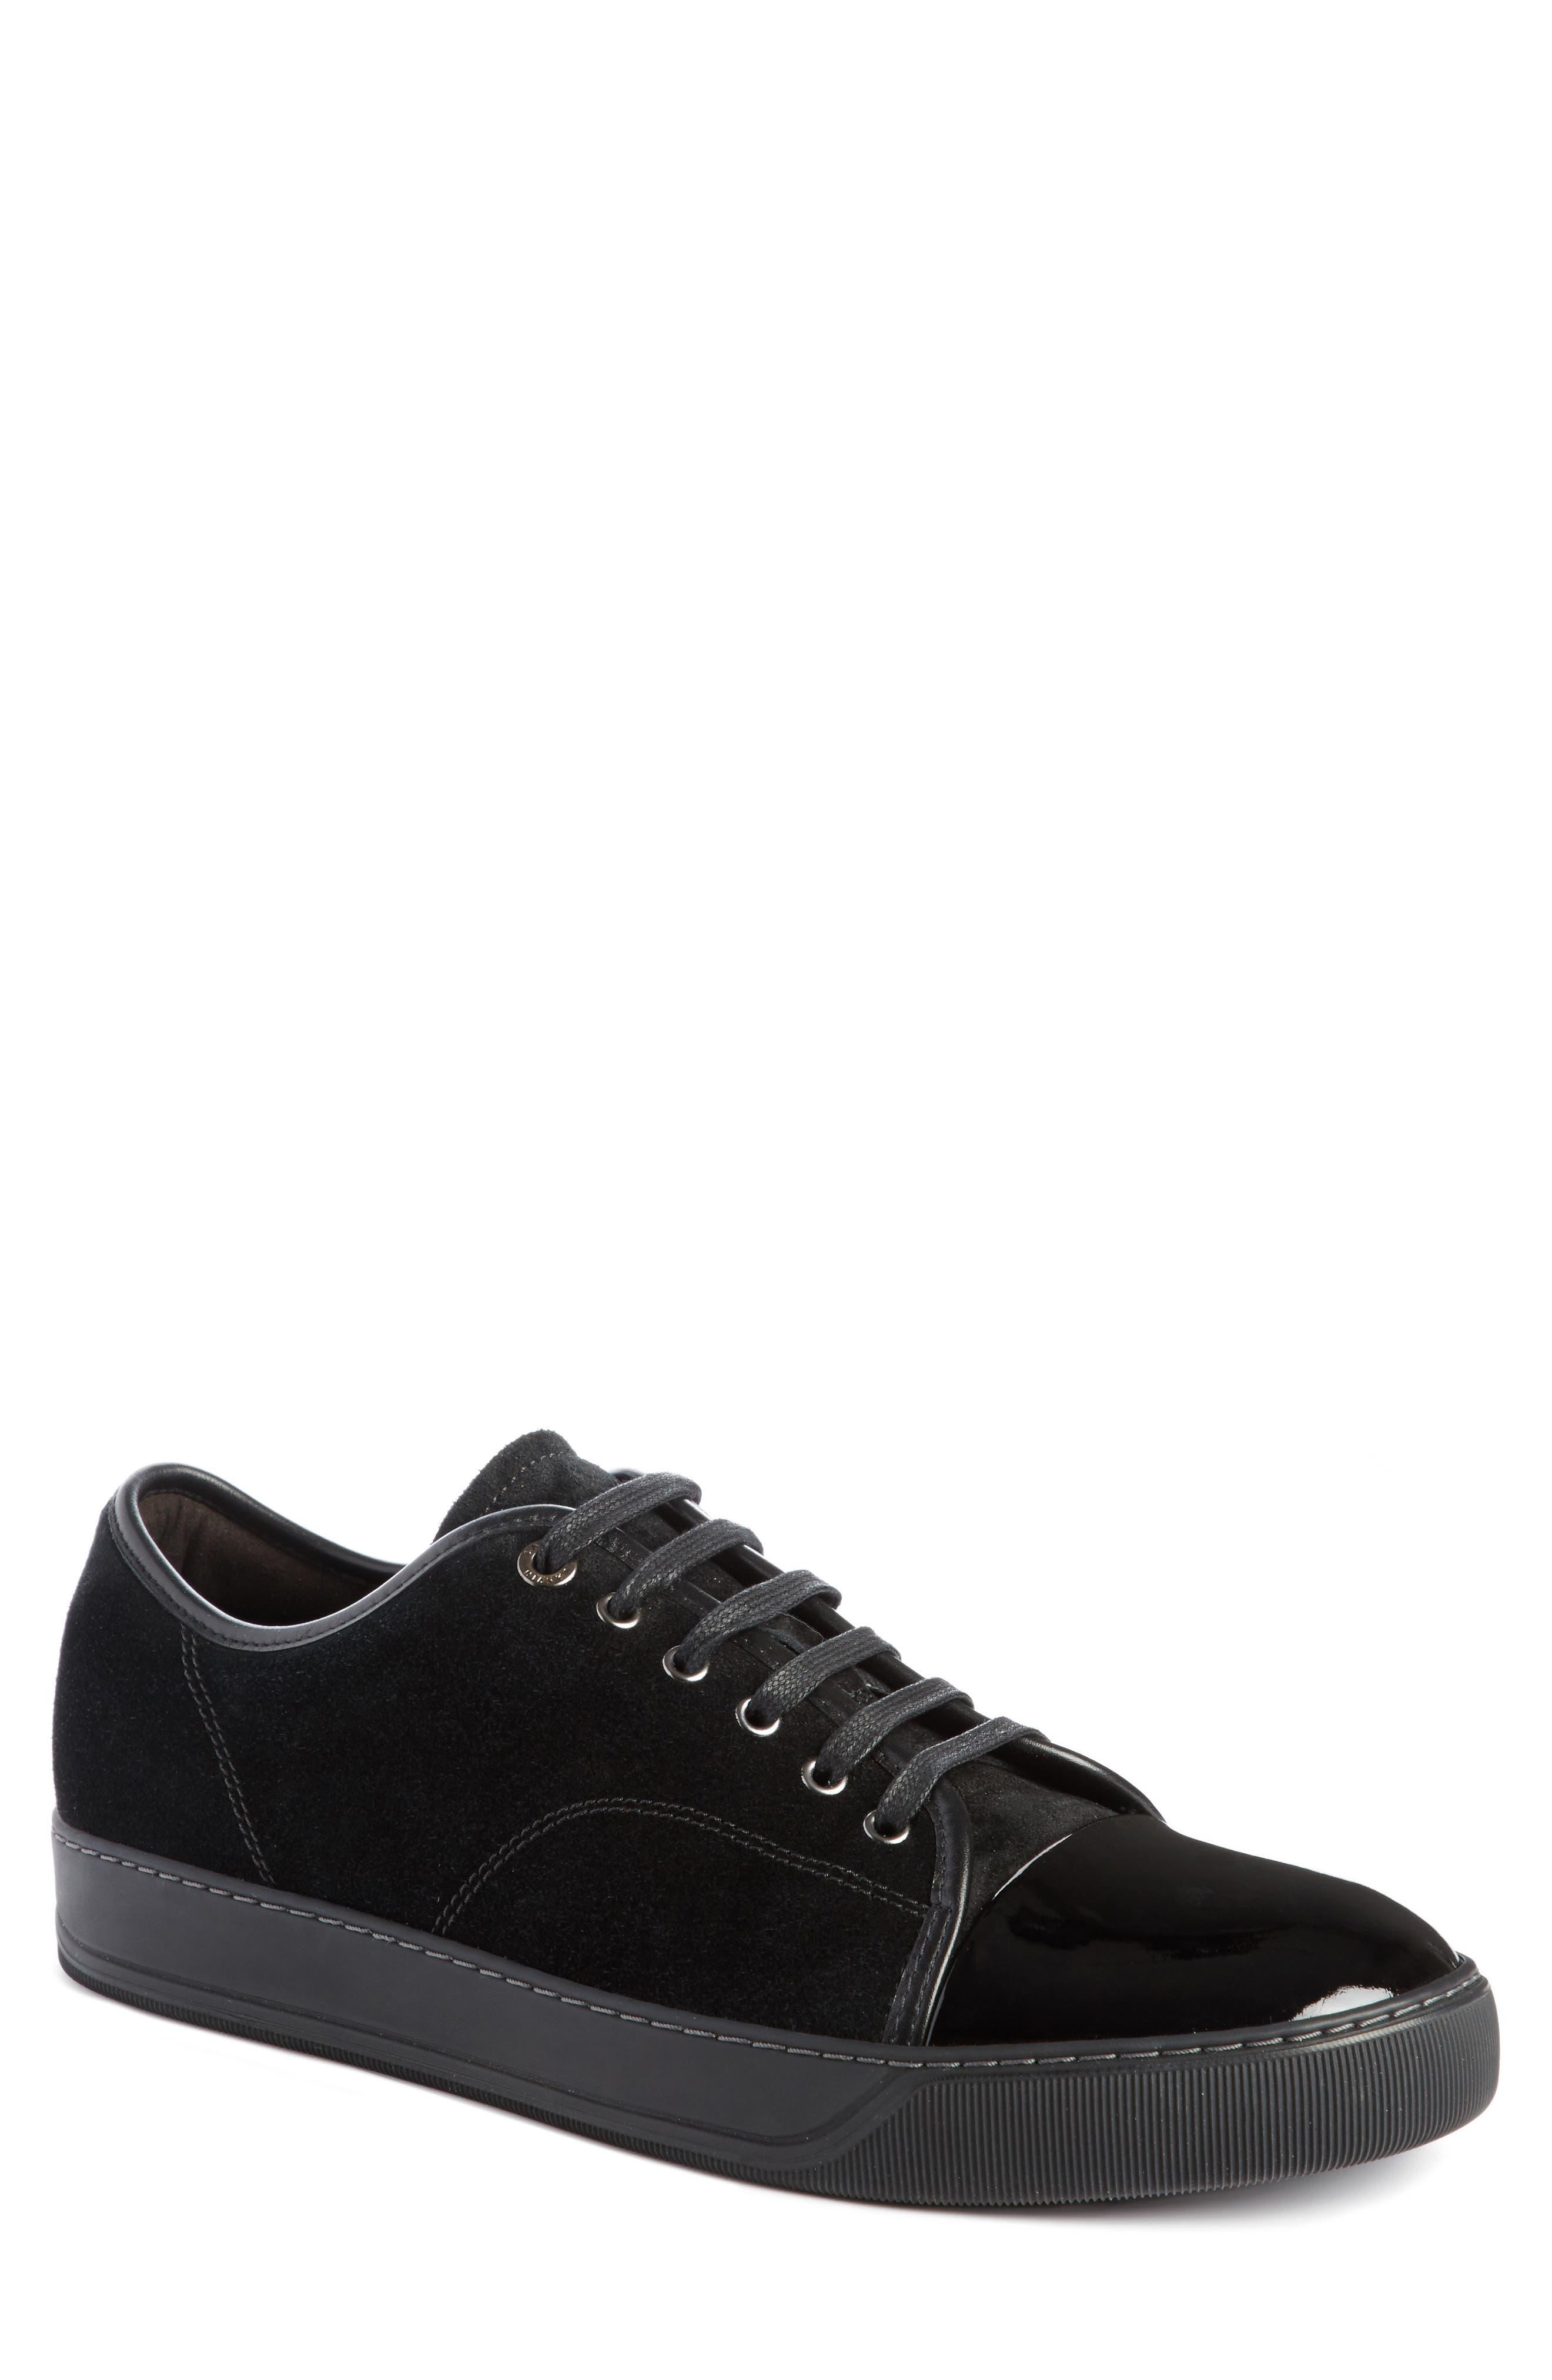 Lanvin Low Top Suede Sneaker (Men)